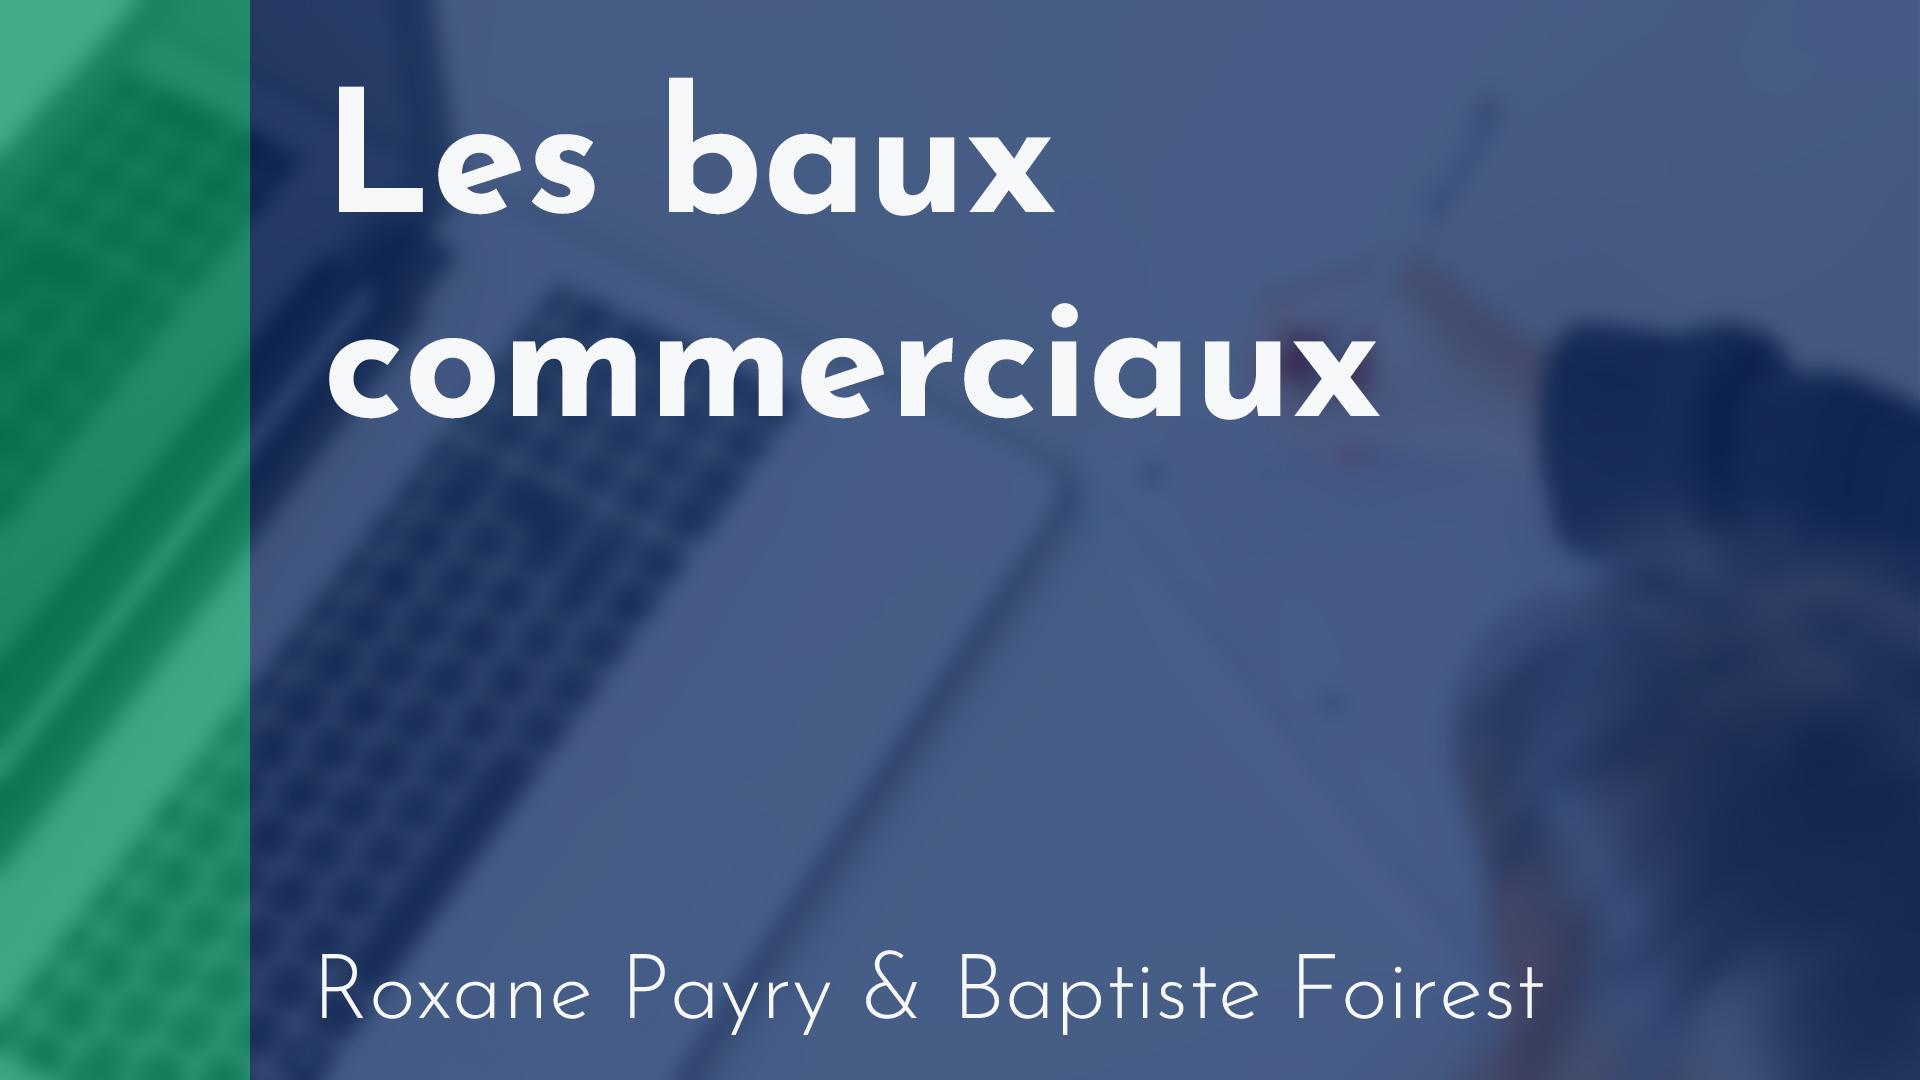 Gérance - Baux commerciaux - Roxane Payry & Baptiste Foirest